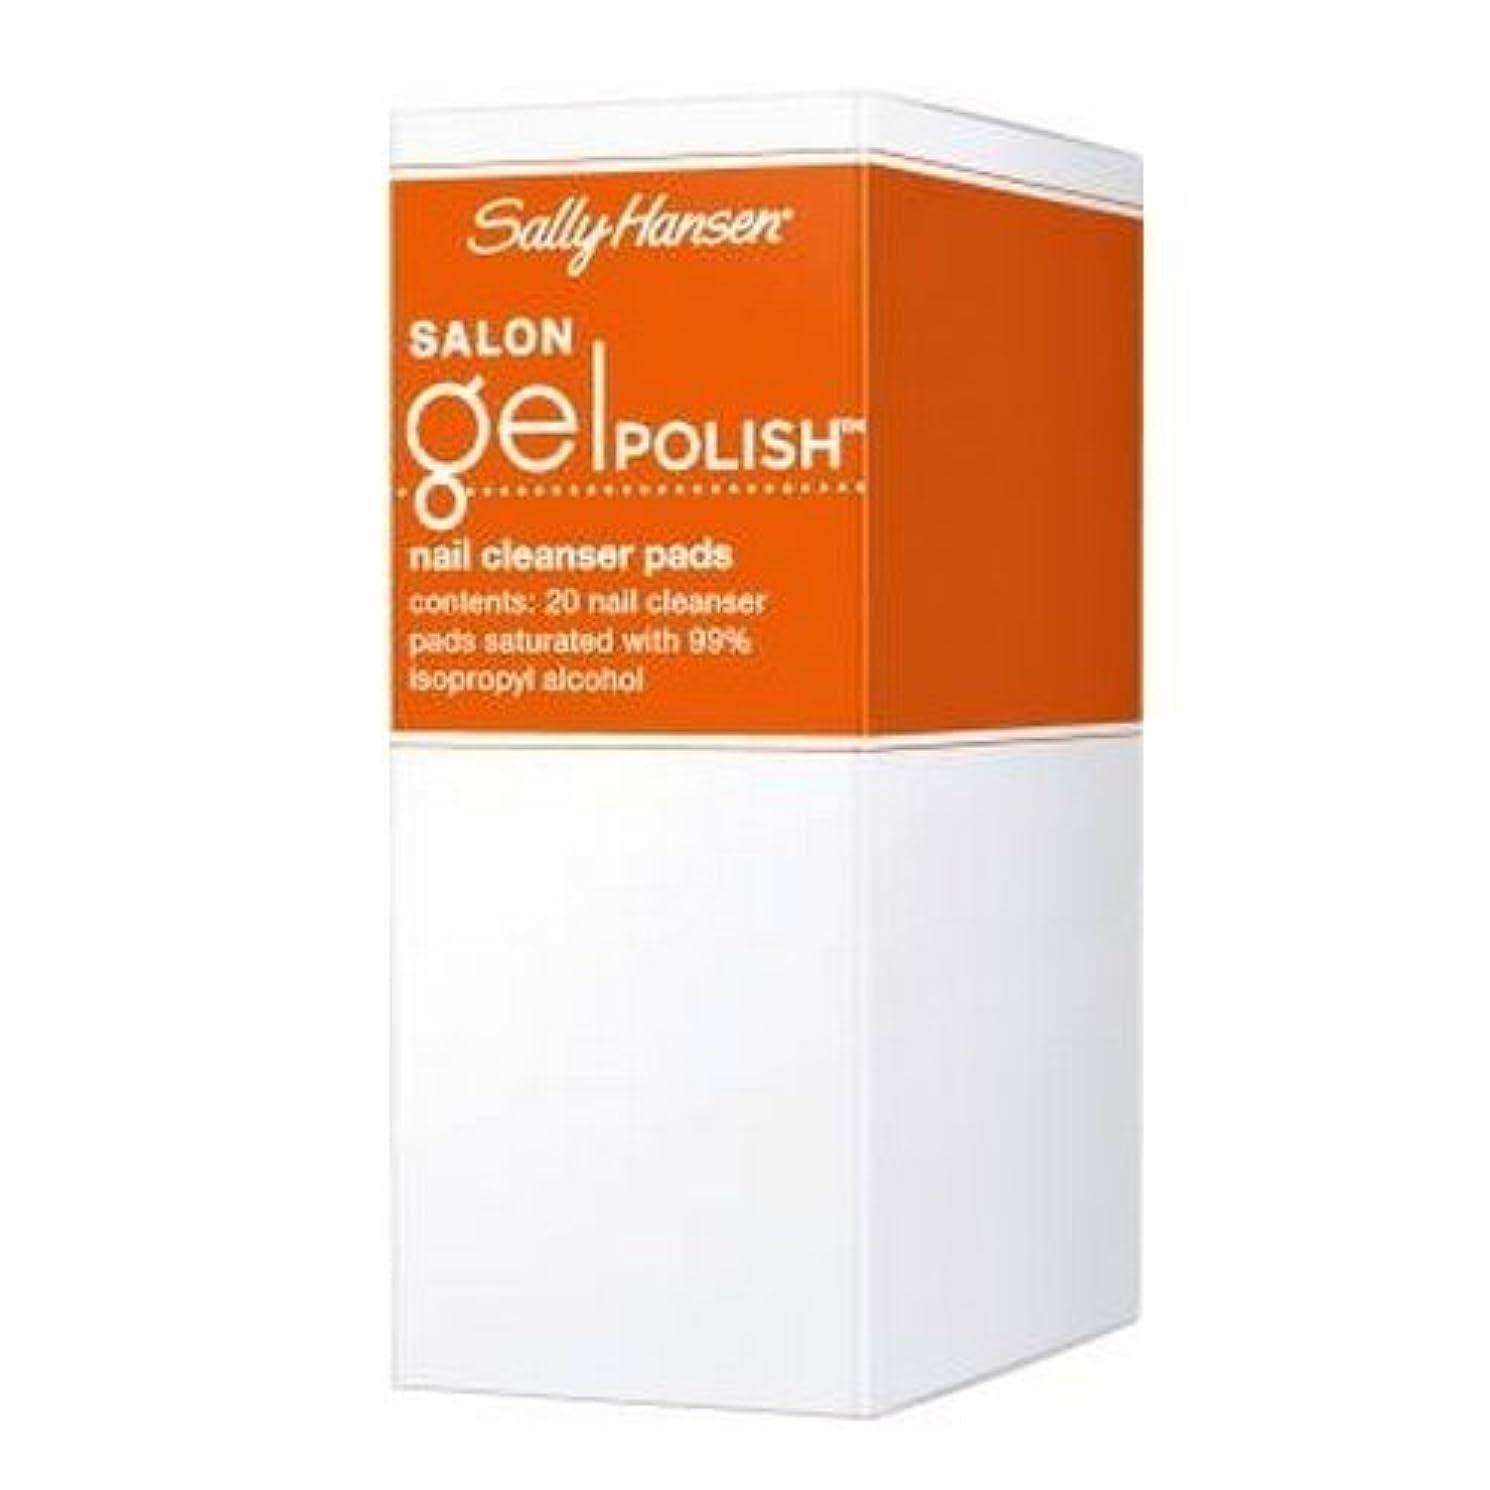 満員節約する検索エンジンマーケティング(3 Pack) SALLY HANSEN Salon Gel Polish Nail Cleanser Pads - Gel Polish Cleanser Pads (並行輸入品)